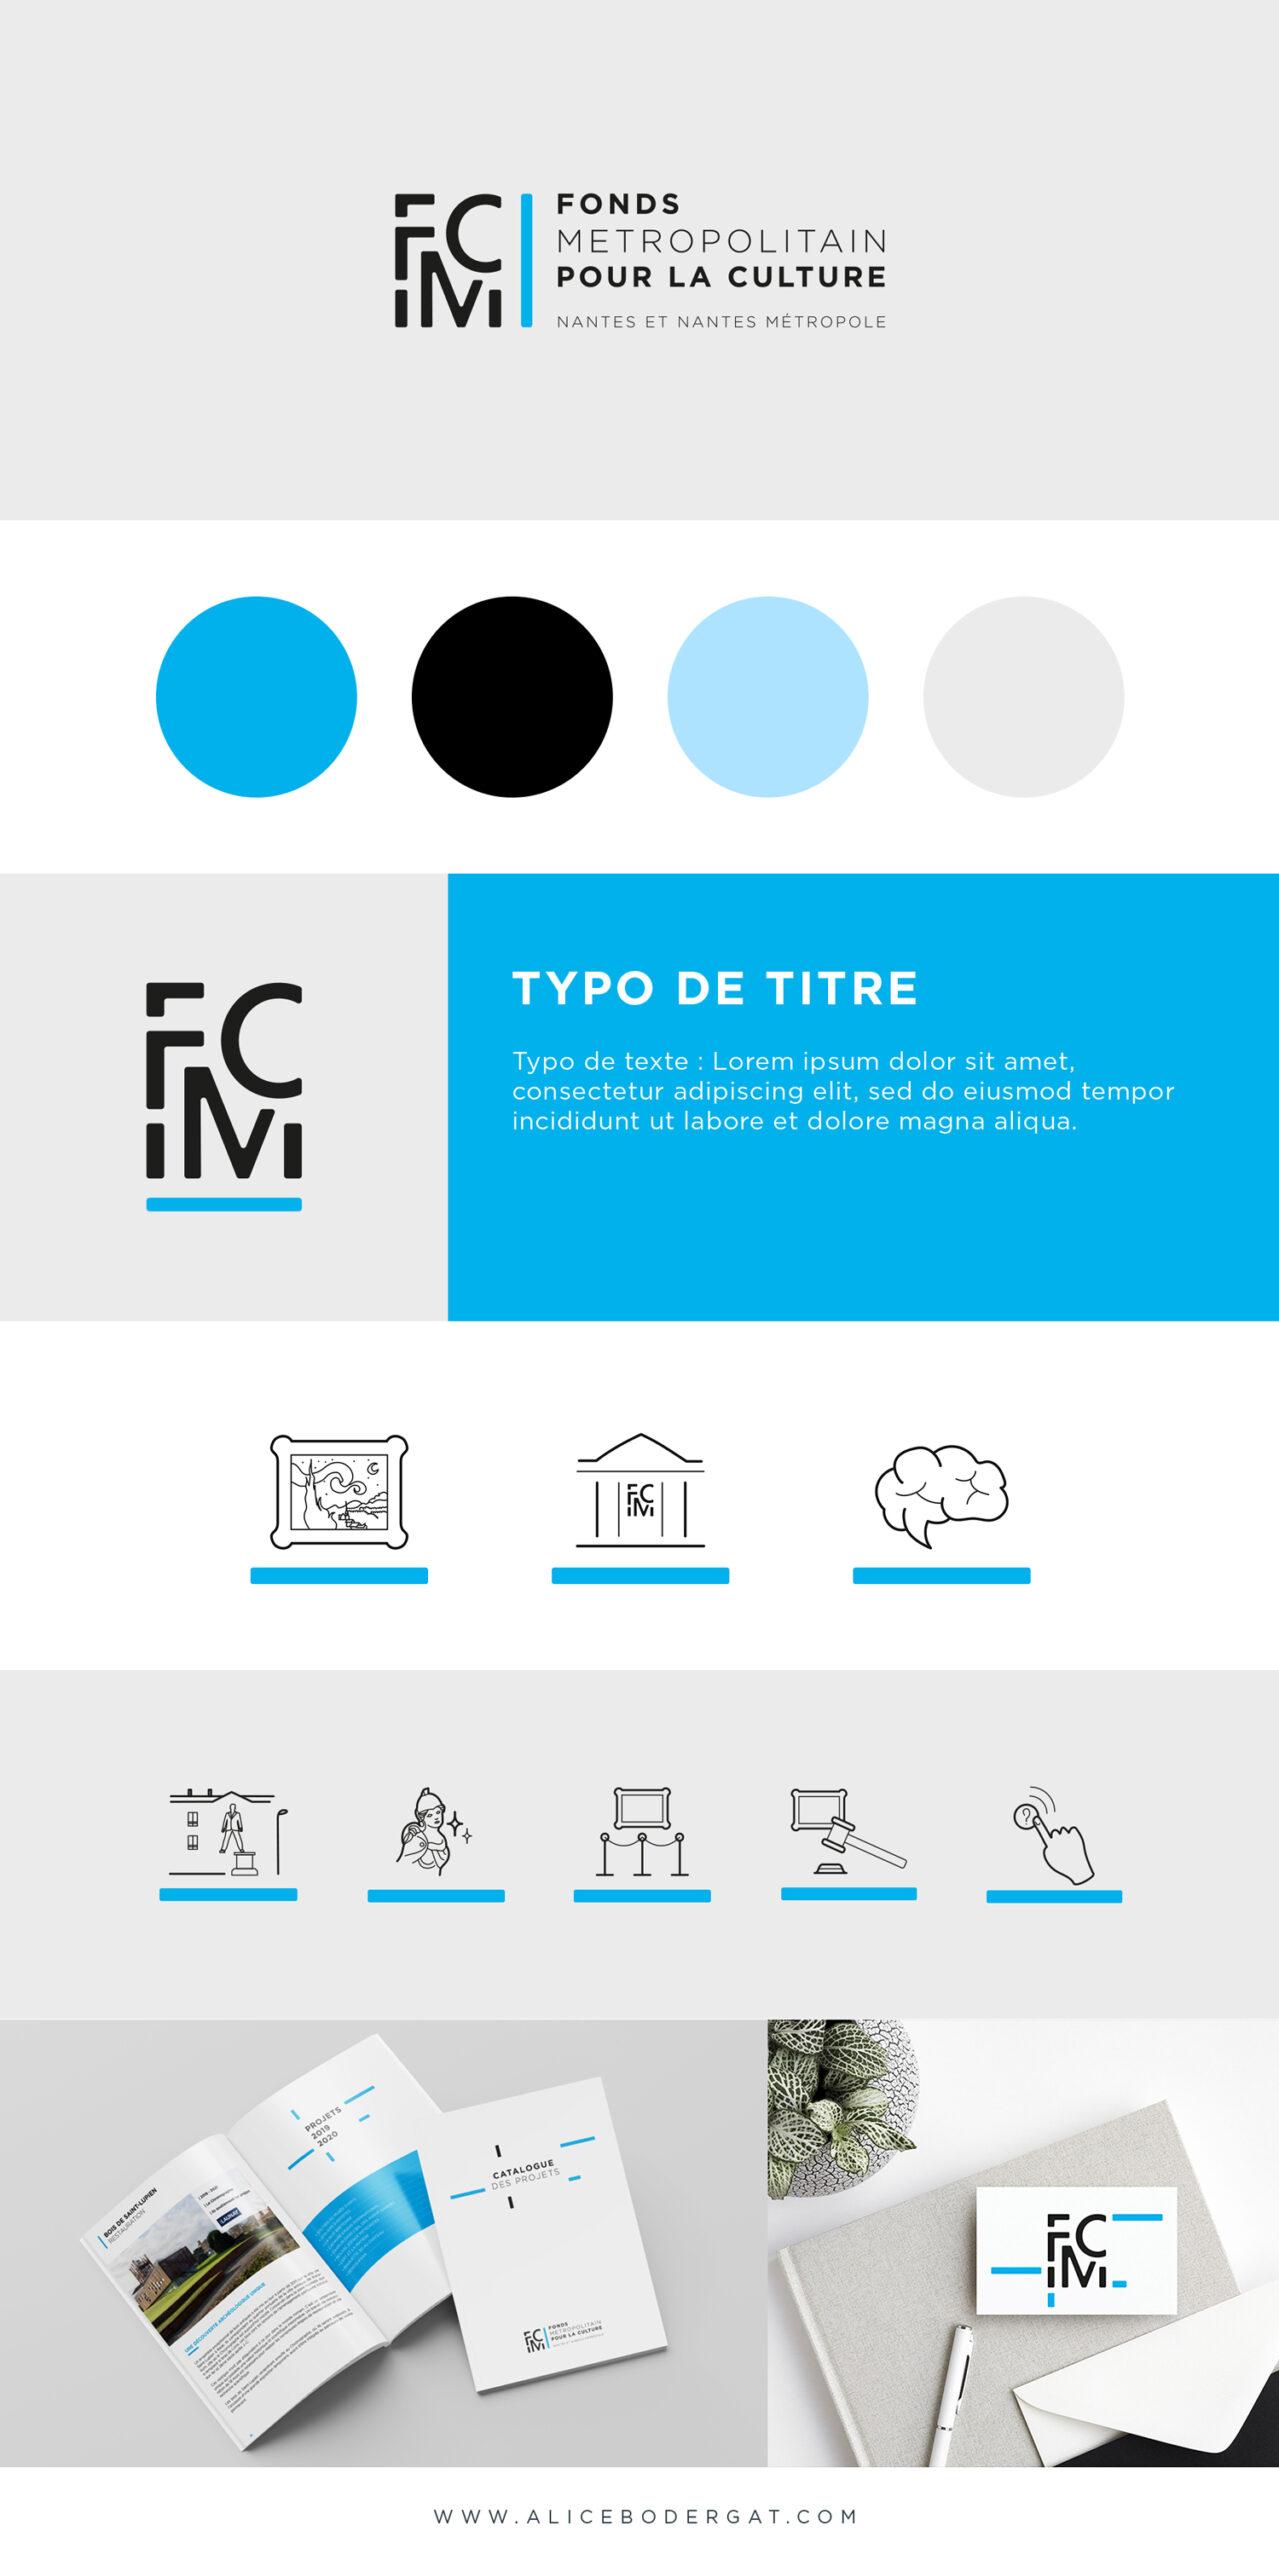 Présentation de la marque FMC : identité visuelle, logo, couleurs, typographies, pictogrammes et branding